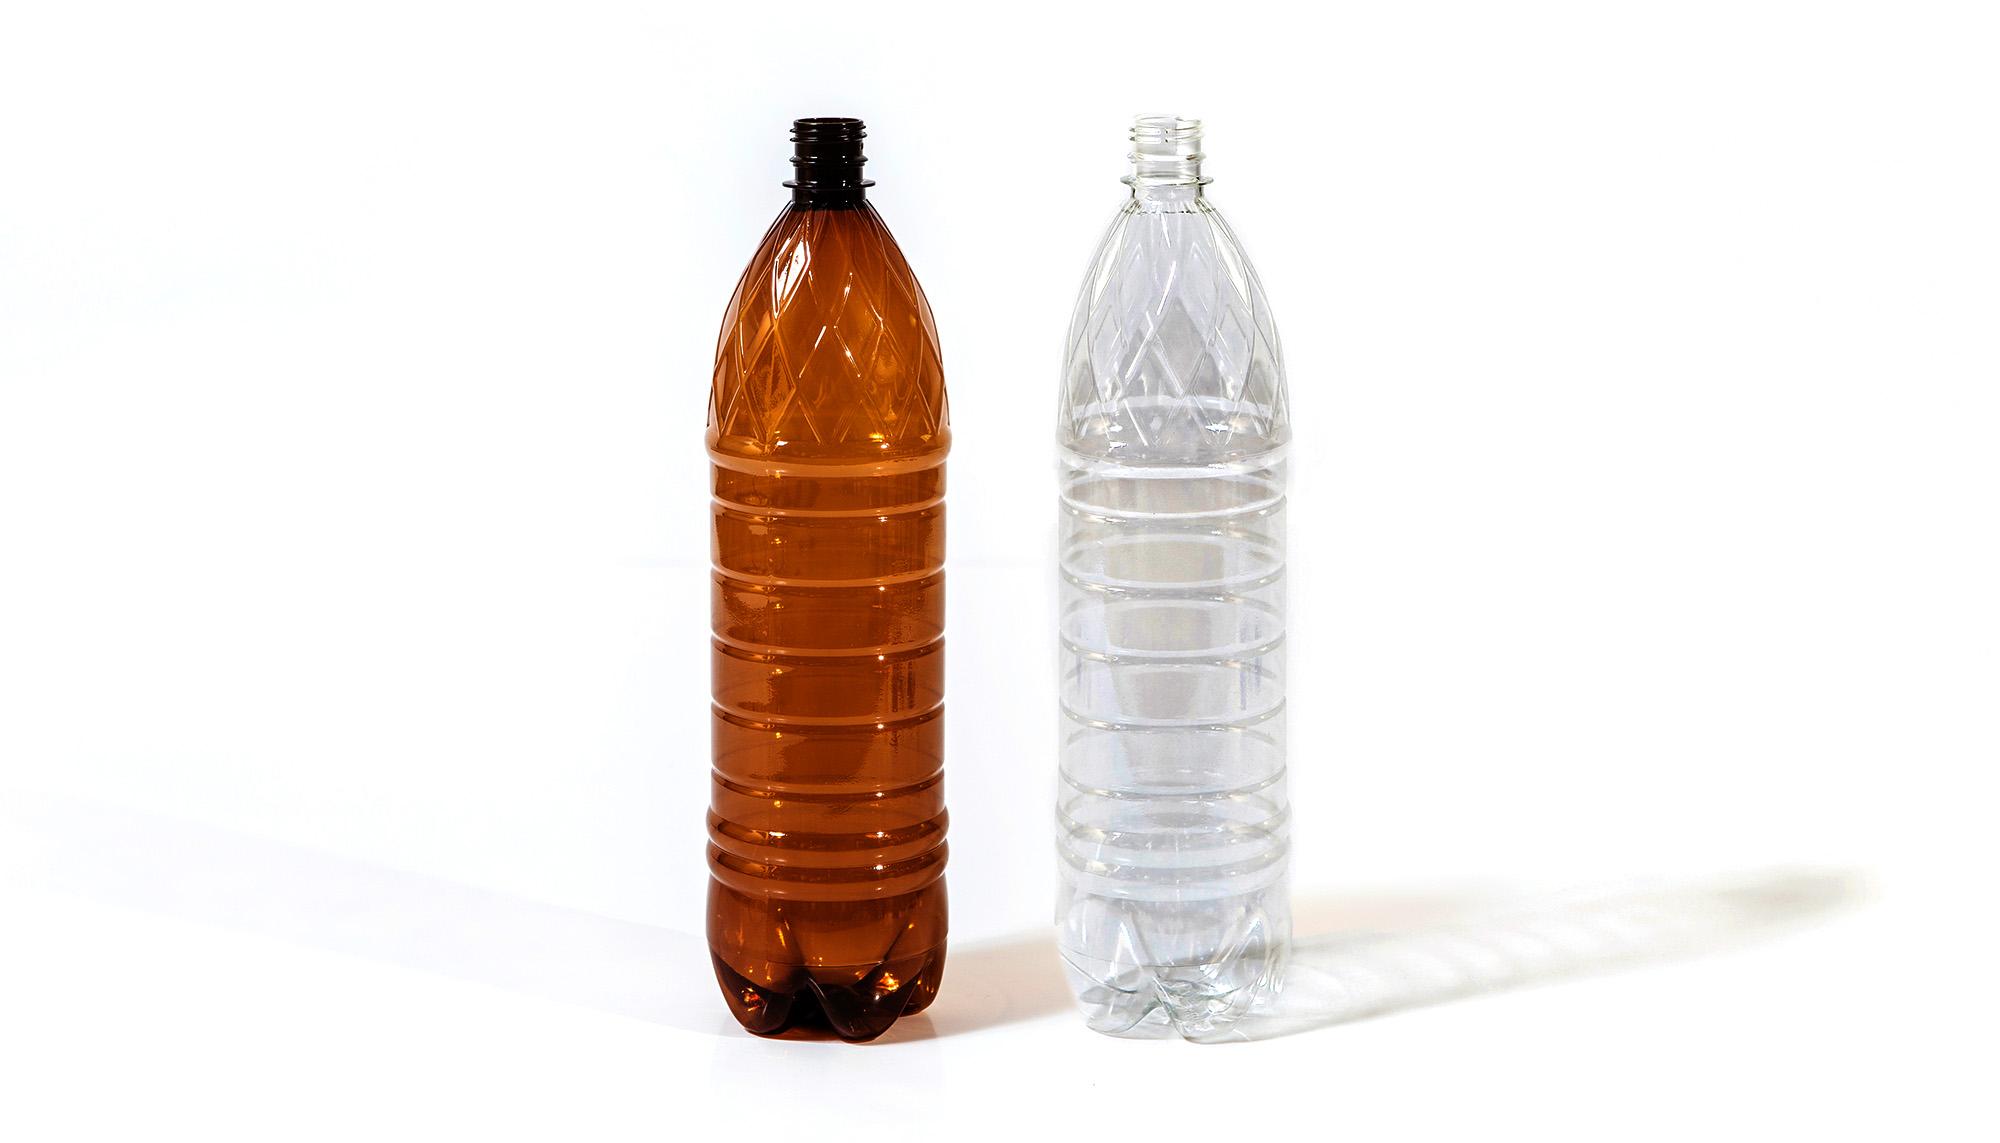 Москвы пластиковые бутылки для пива локализация